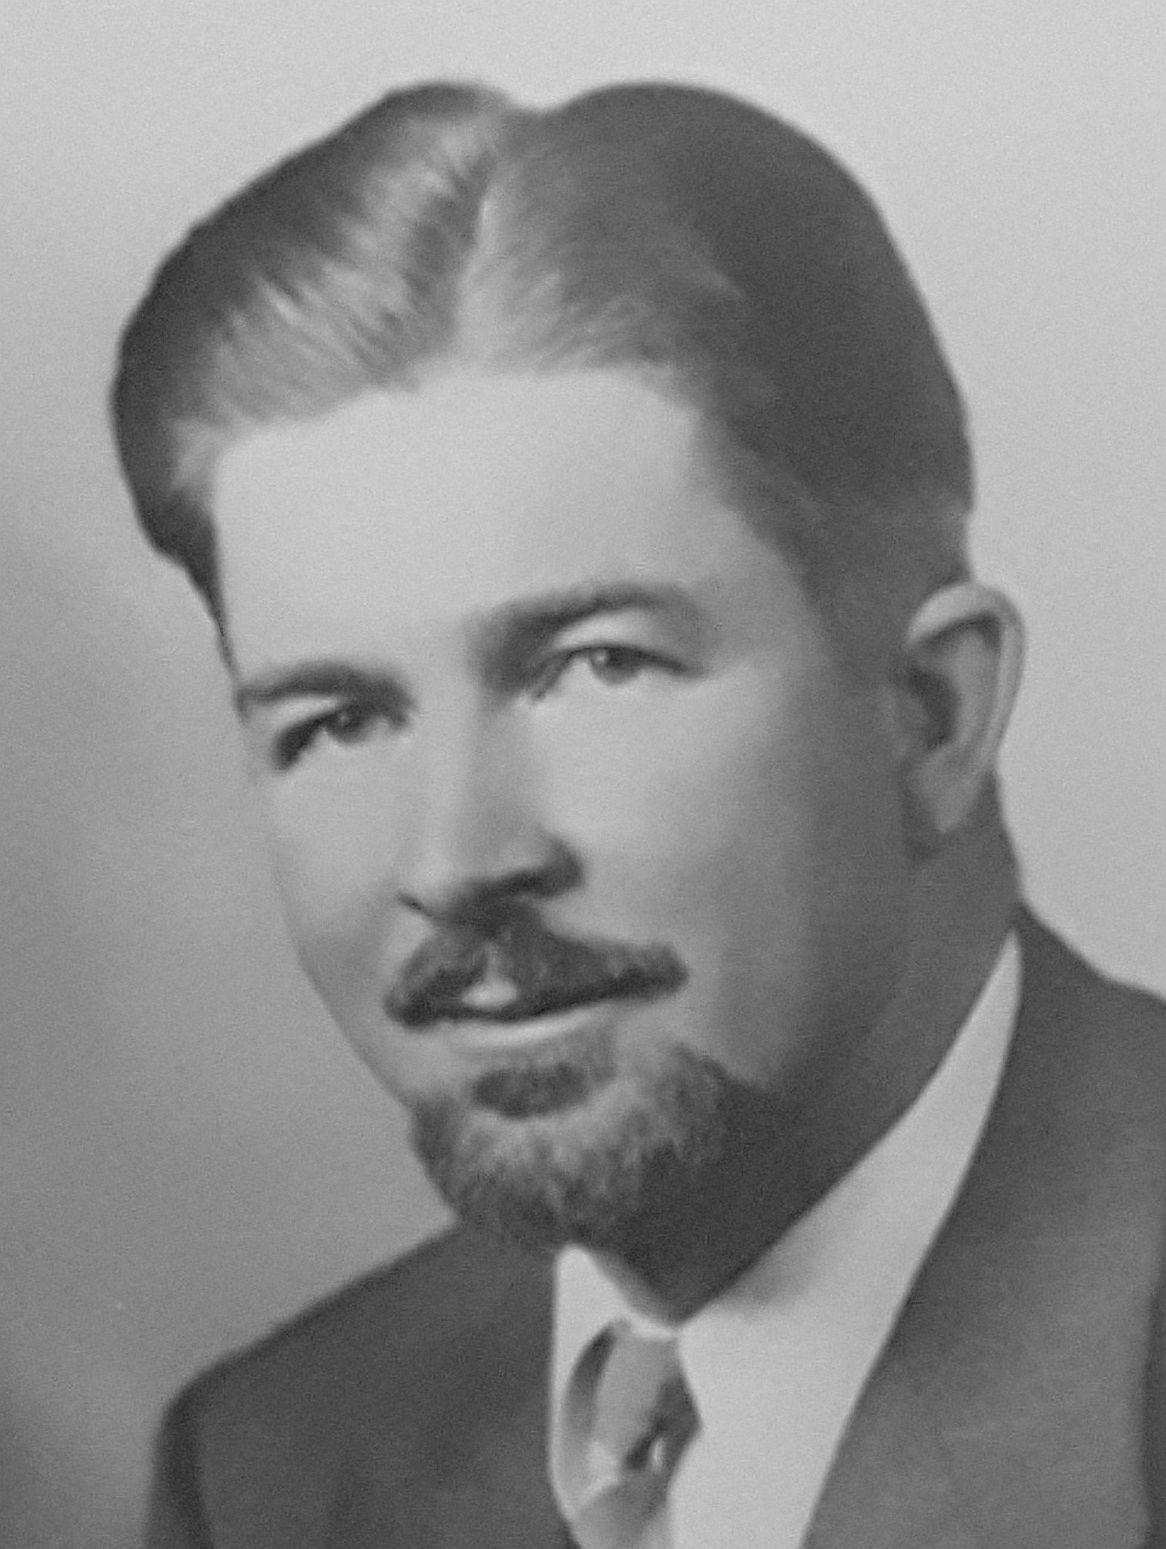 Anderson, Joseph Arvin